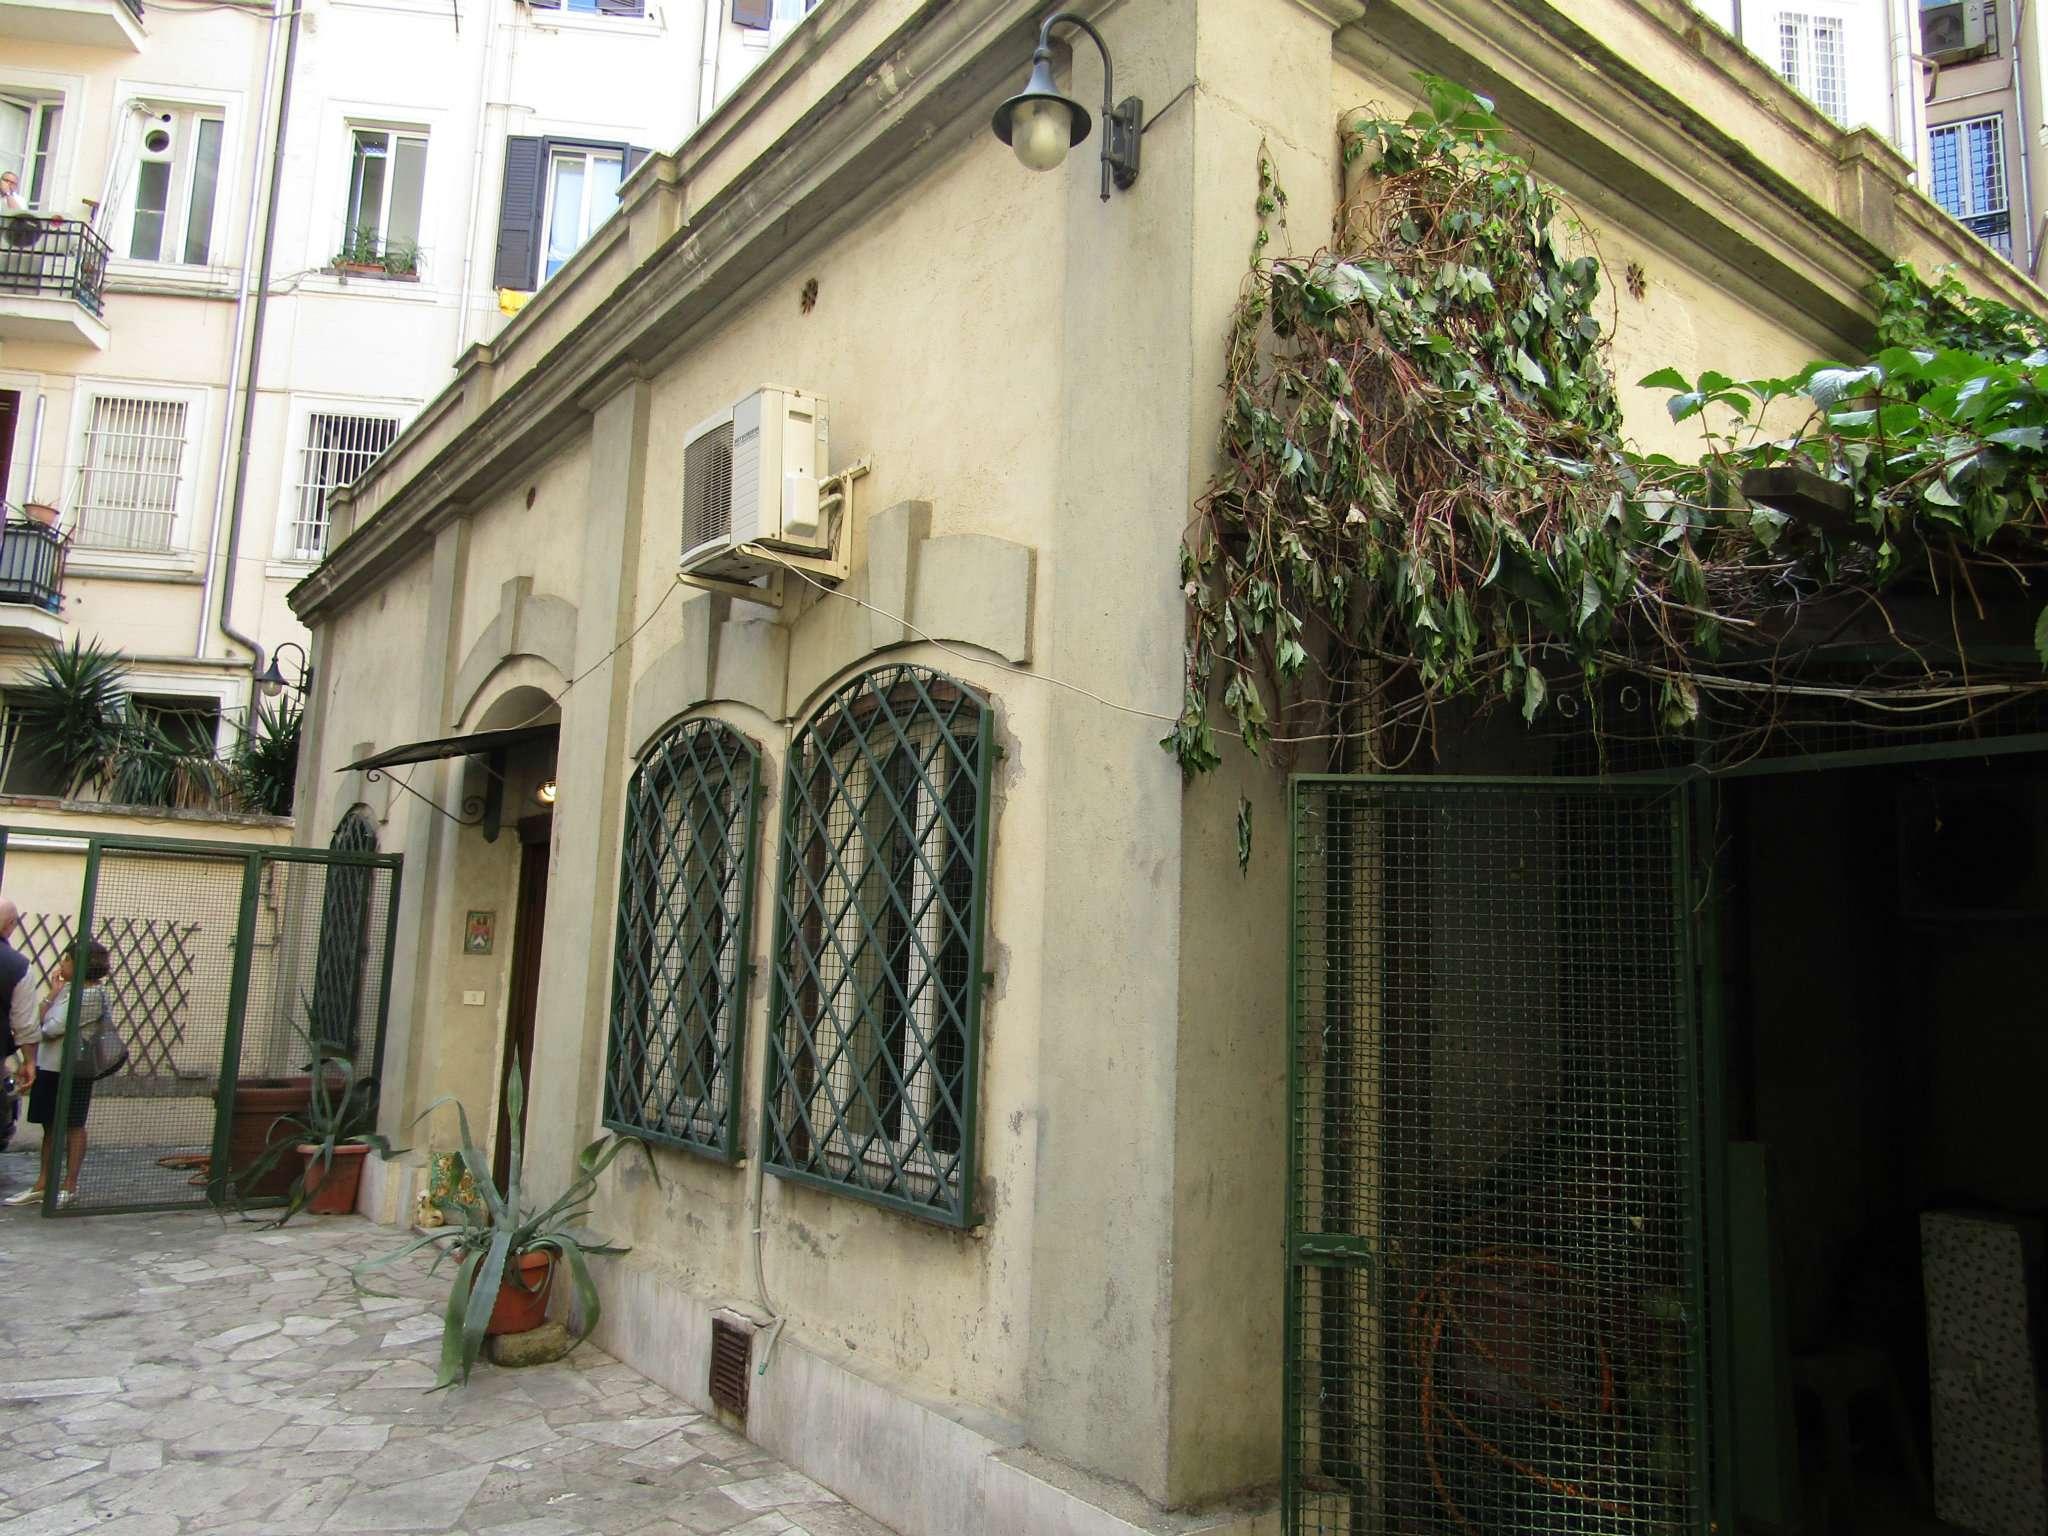 Ufficio / Studio in vendita a Roma, 6 locali, zona Zona: 3 . Trieste - Somalia - Salario, prezzo € 900.000 | CambioCasa.it